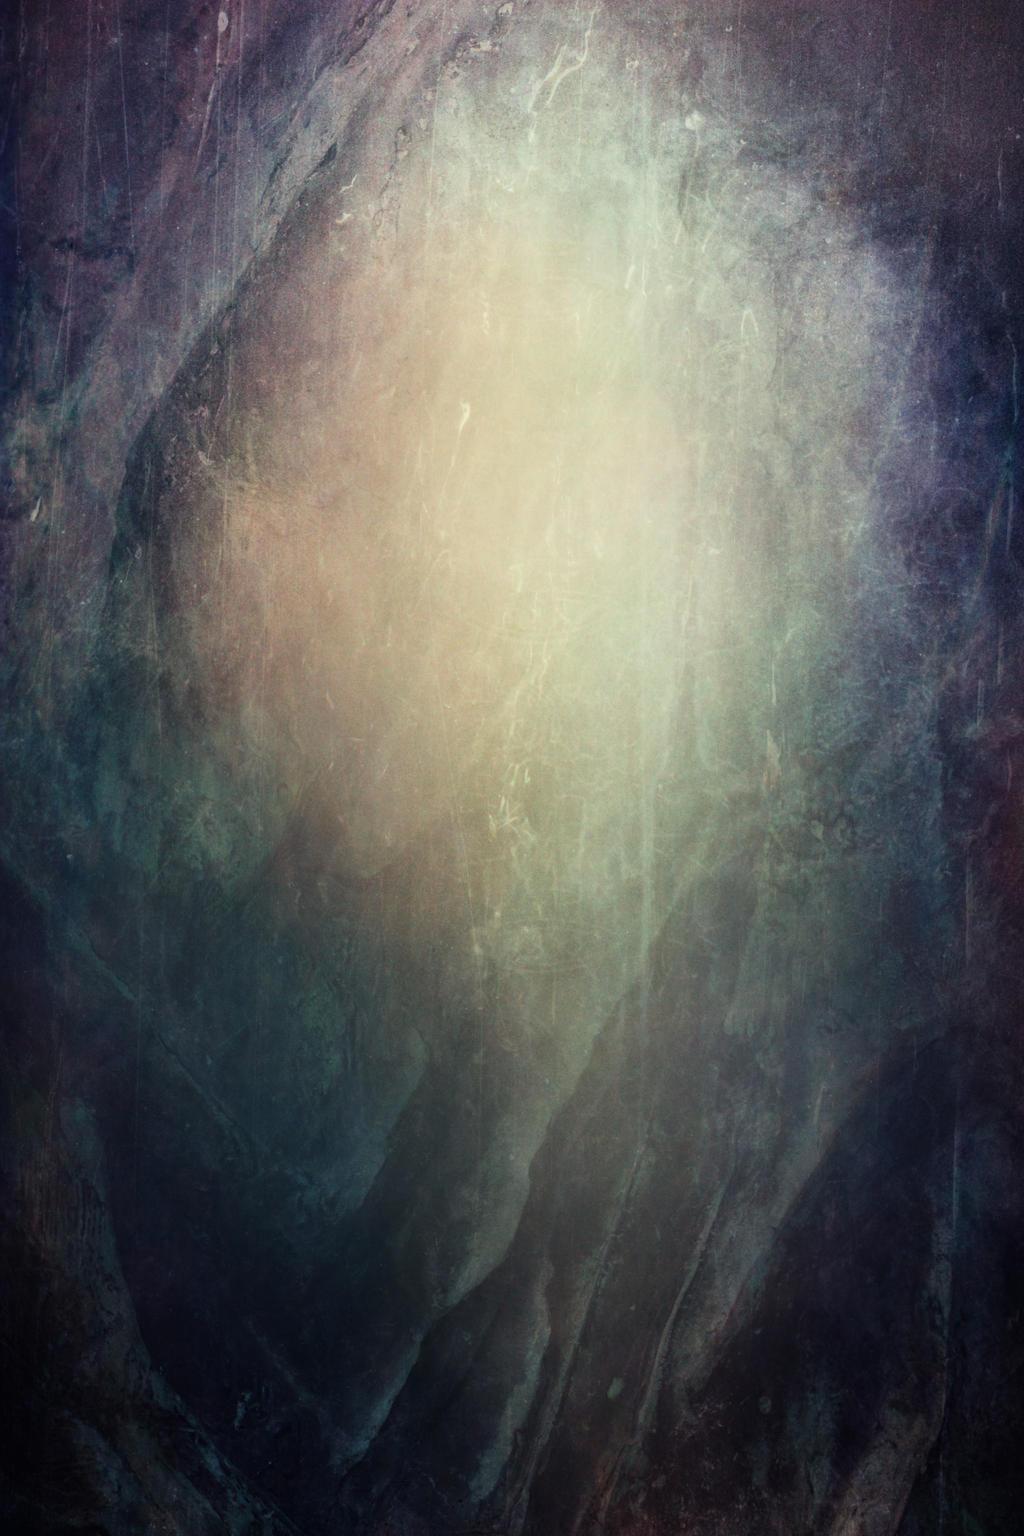 Texture 398 by Sirius-sdz